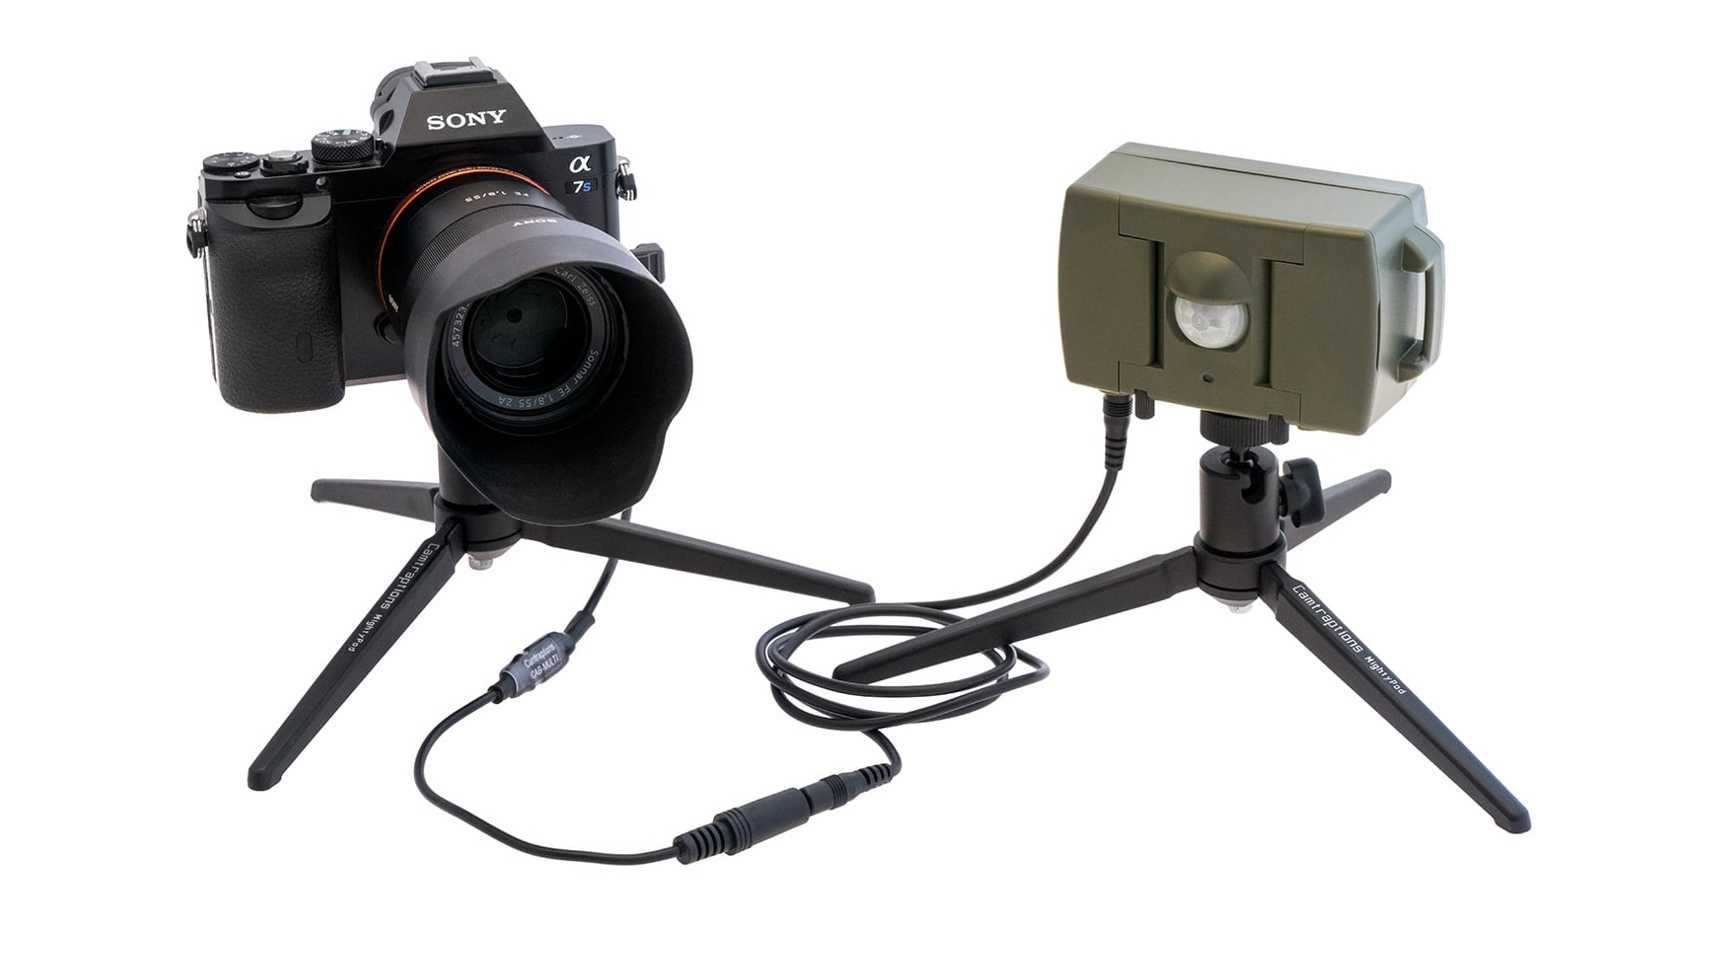 Kamerauslöser: PIR-Bewegungsmelder von Camtraptions